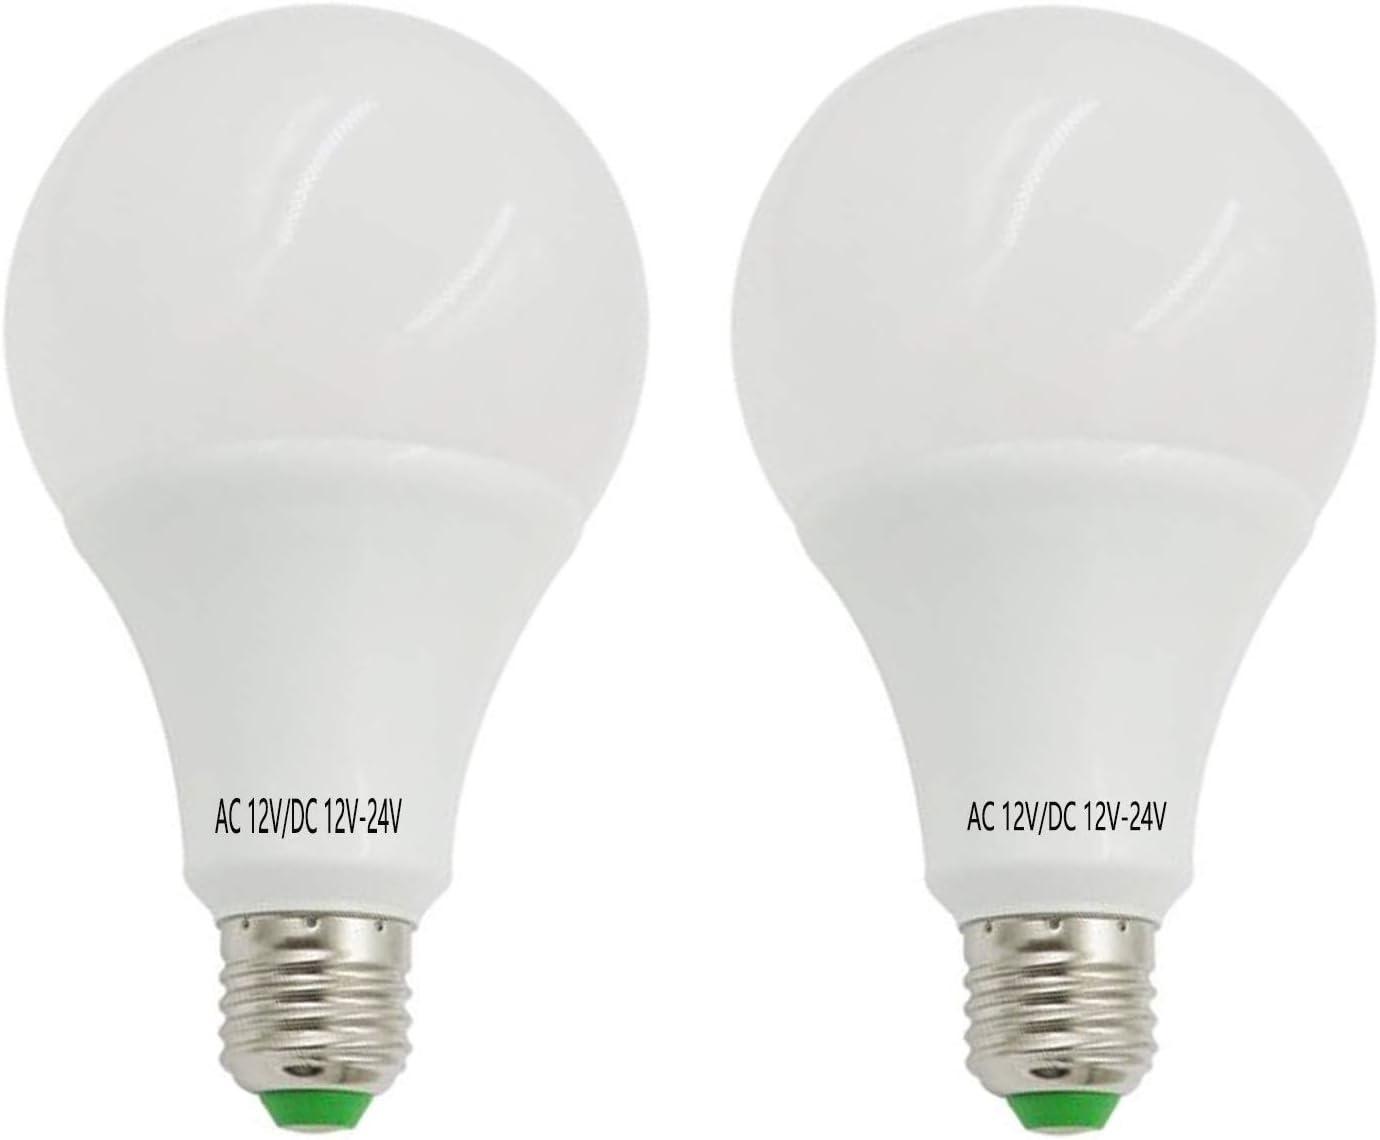 AIYOWEI - Pack de 2 bombillas LED E26 E27 12 V-24 V CA/CC 12 W 1100 lúmenes a prueba de explosiones lámpara LED de ahorro de energía para uso doméstico (blanco 6000 K-6500 K)